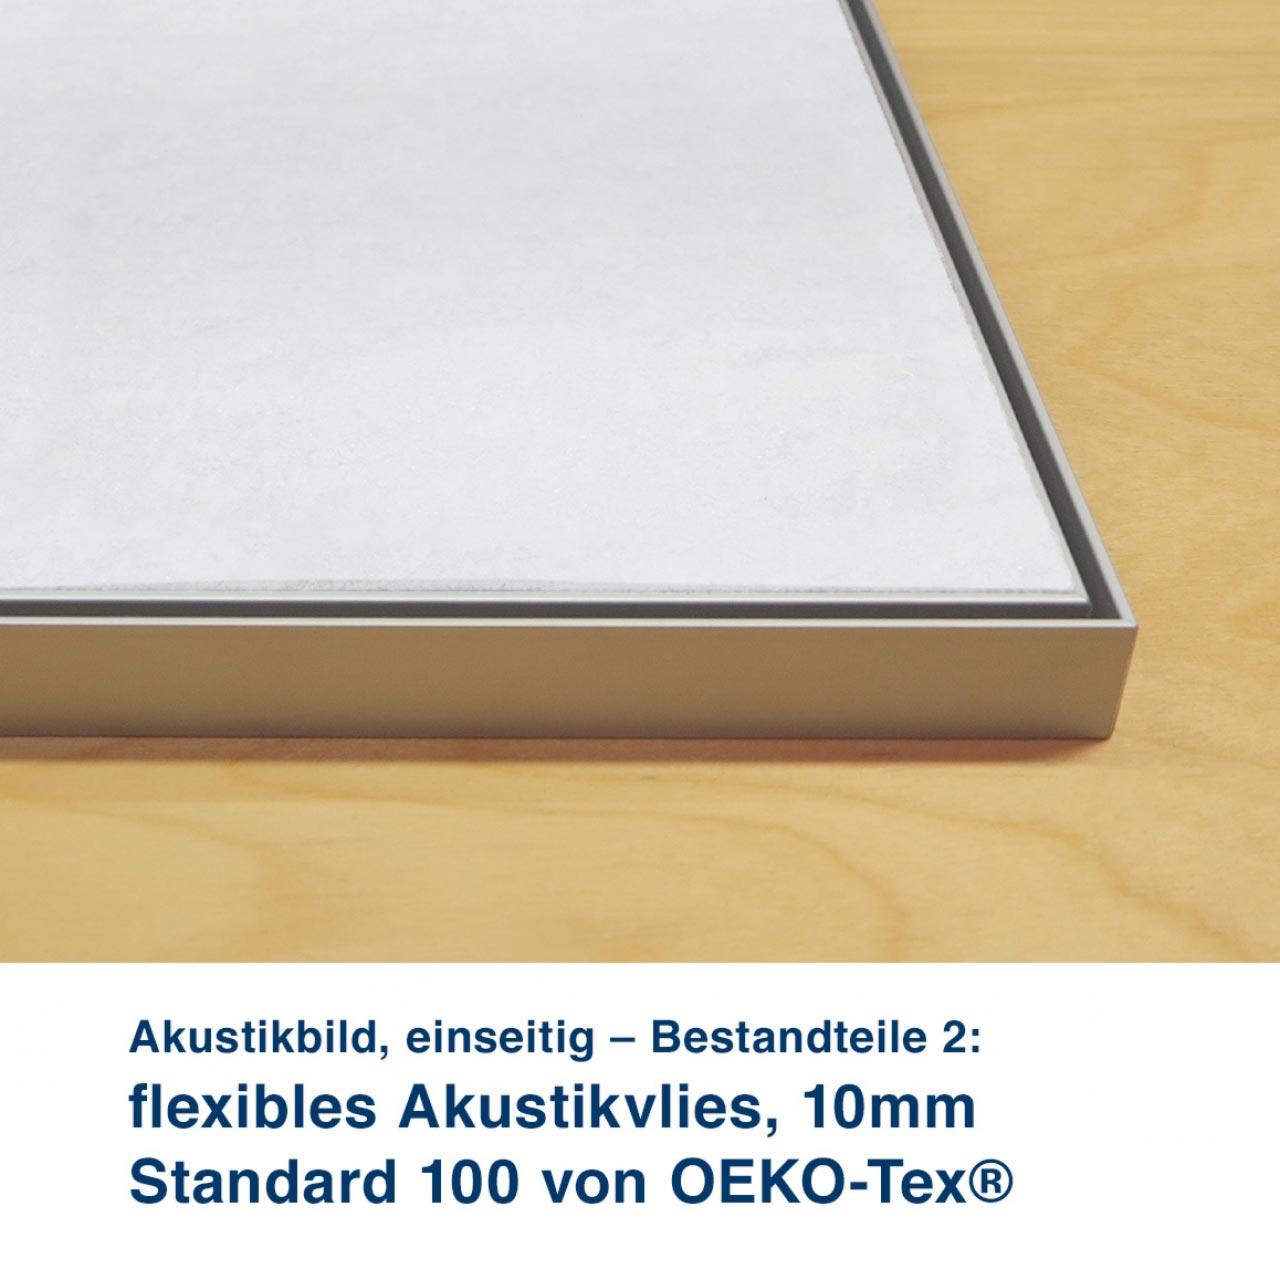 Akustikbild, einseitig – Bestandteile 2:  flexibles Akustikvlies, 10mm  Standard 100 von OEKO-Tex® feste Akustikplatte, 18mm